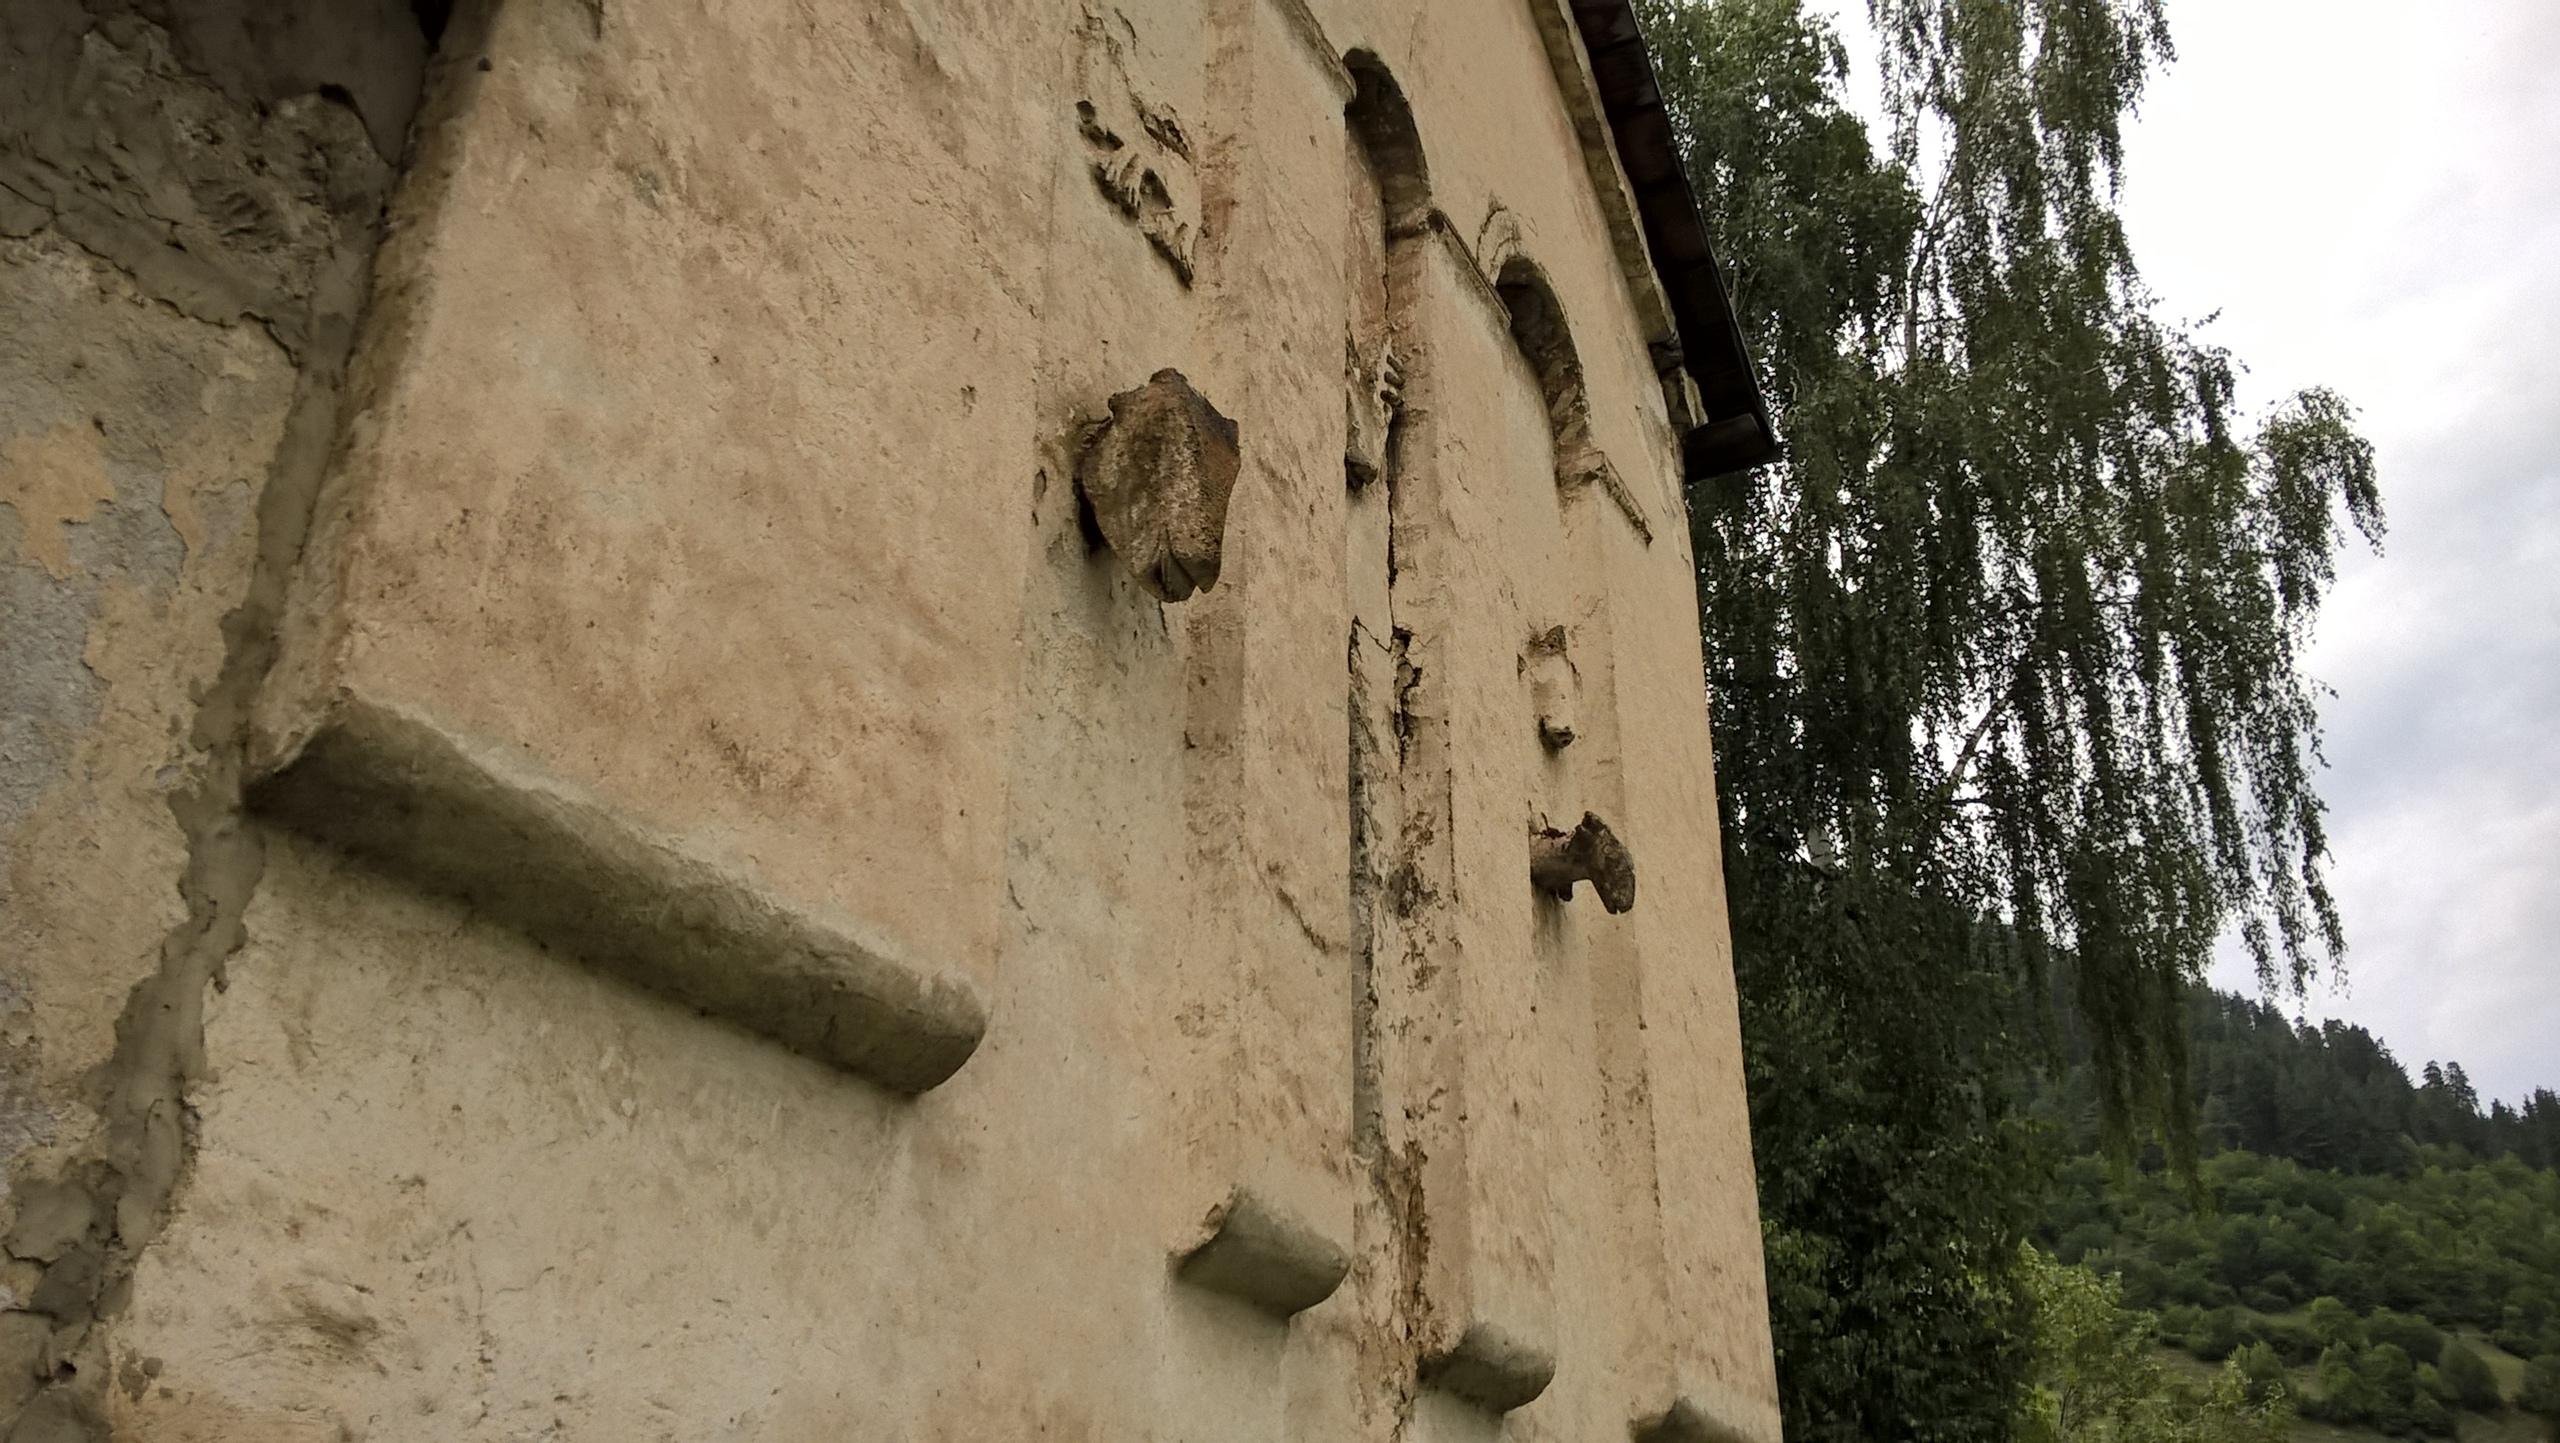 На стене церкви изображены головы животных